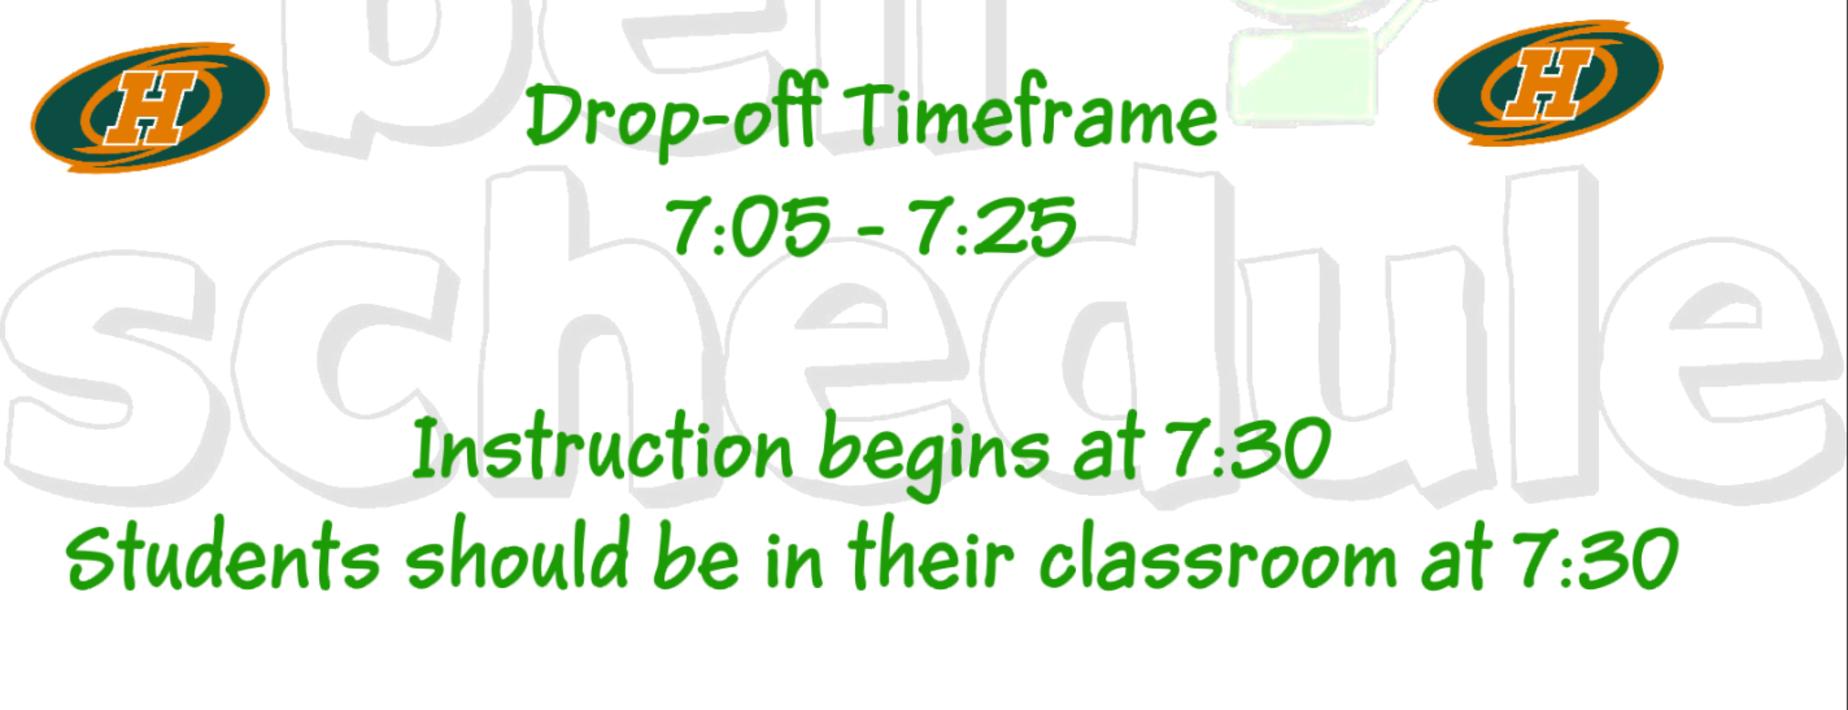 School Hours image